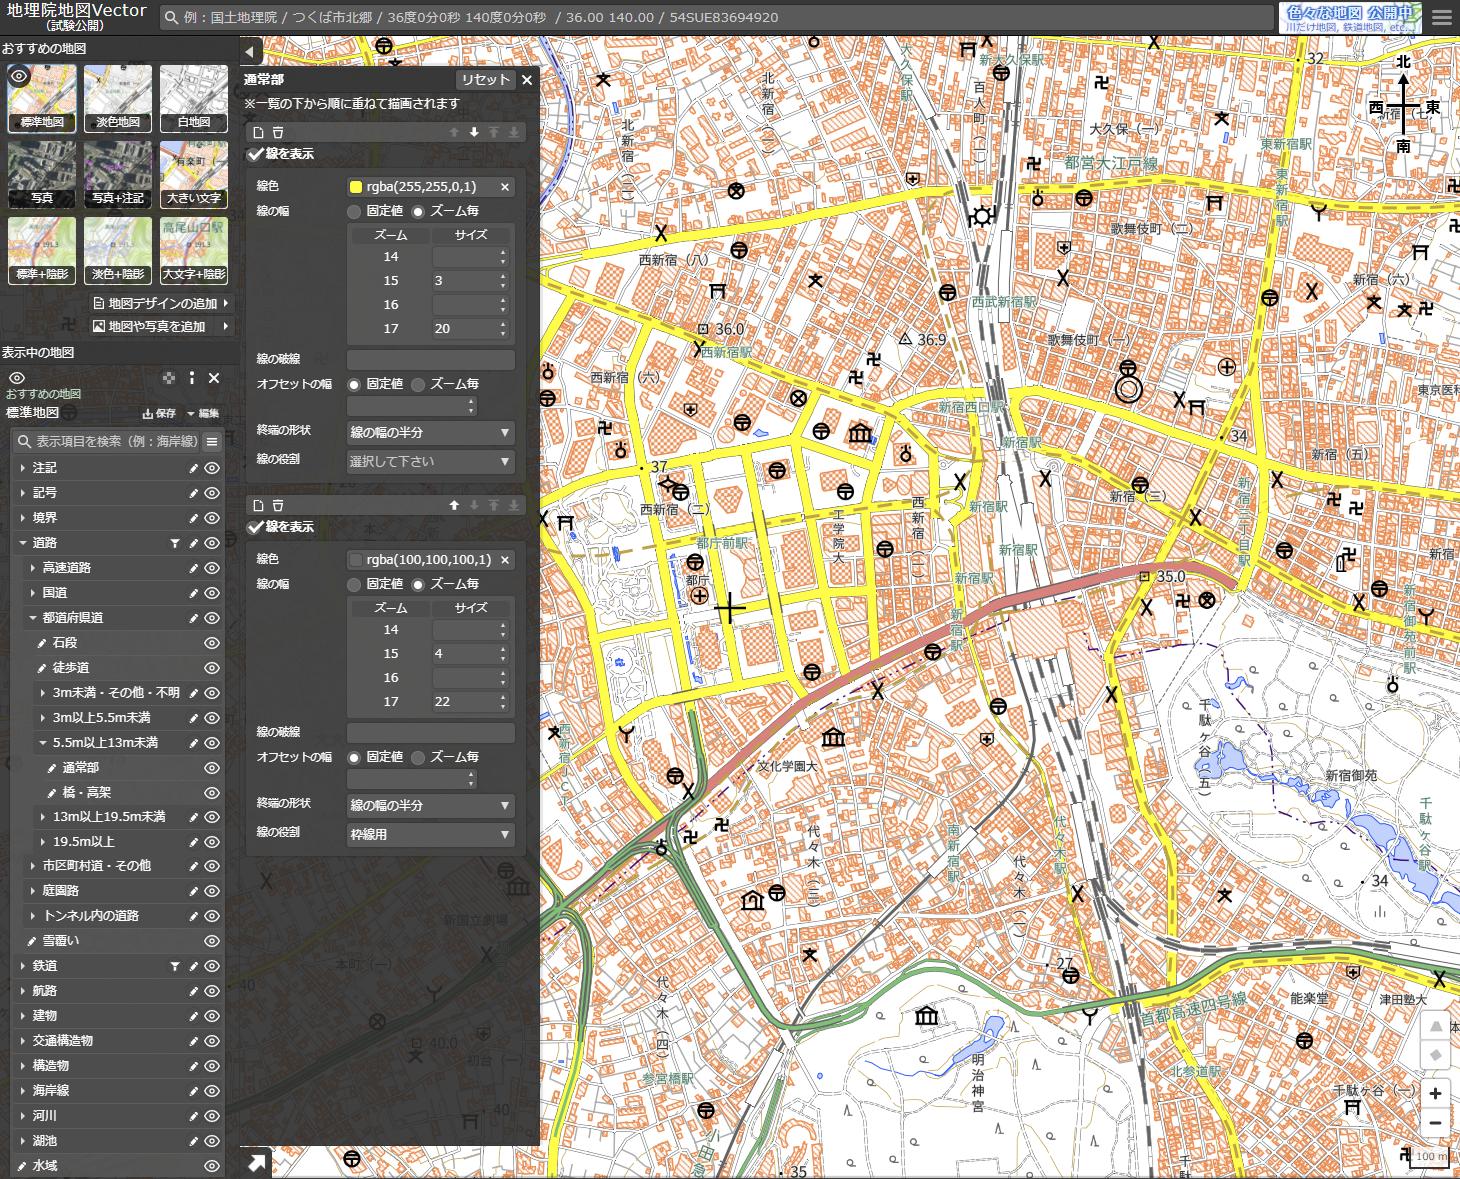 さまざまな項目を細かく変更可能夏休みの自由研究におすすめな国土地理院「地理院地図Vector」の表示項目設定画面